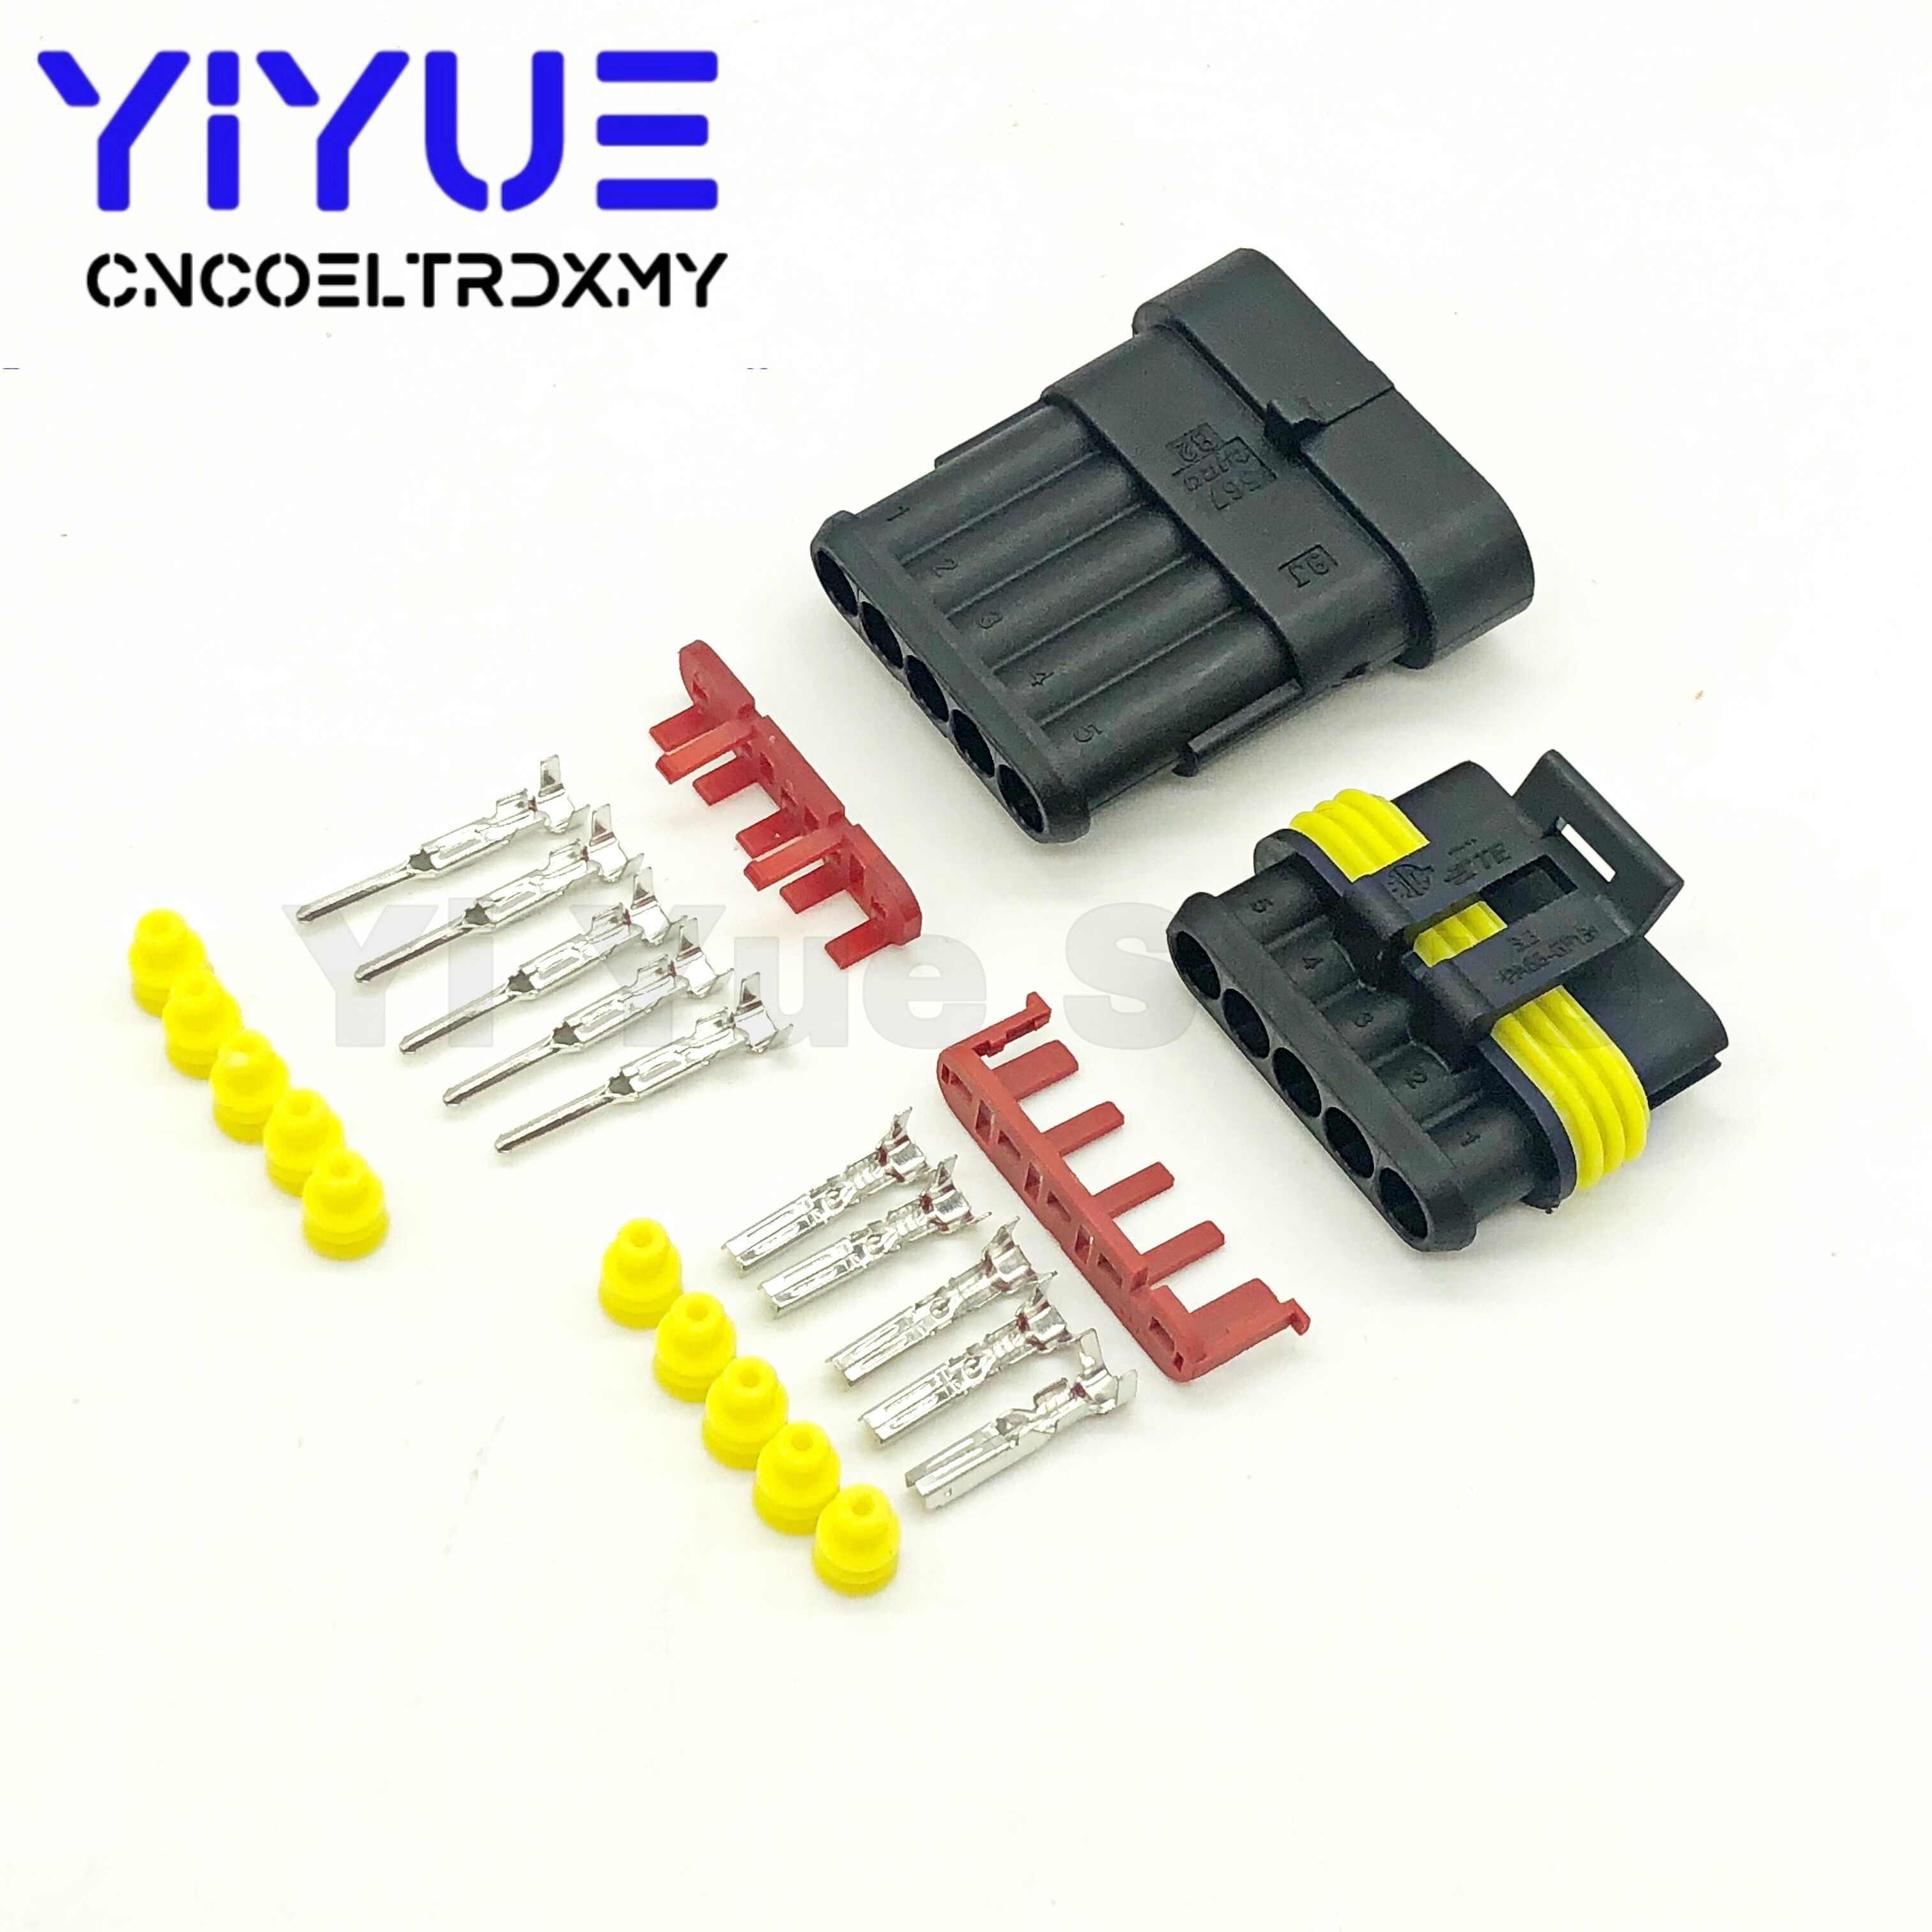 1 Set SUPER SEAL AMP Tyco Konektor 1.5 KIT 1/2/3/4/5/6 pin Tahan Air Wanita dan Pria Listrik Otomotif Konektor Kawat